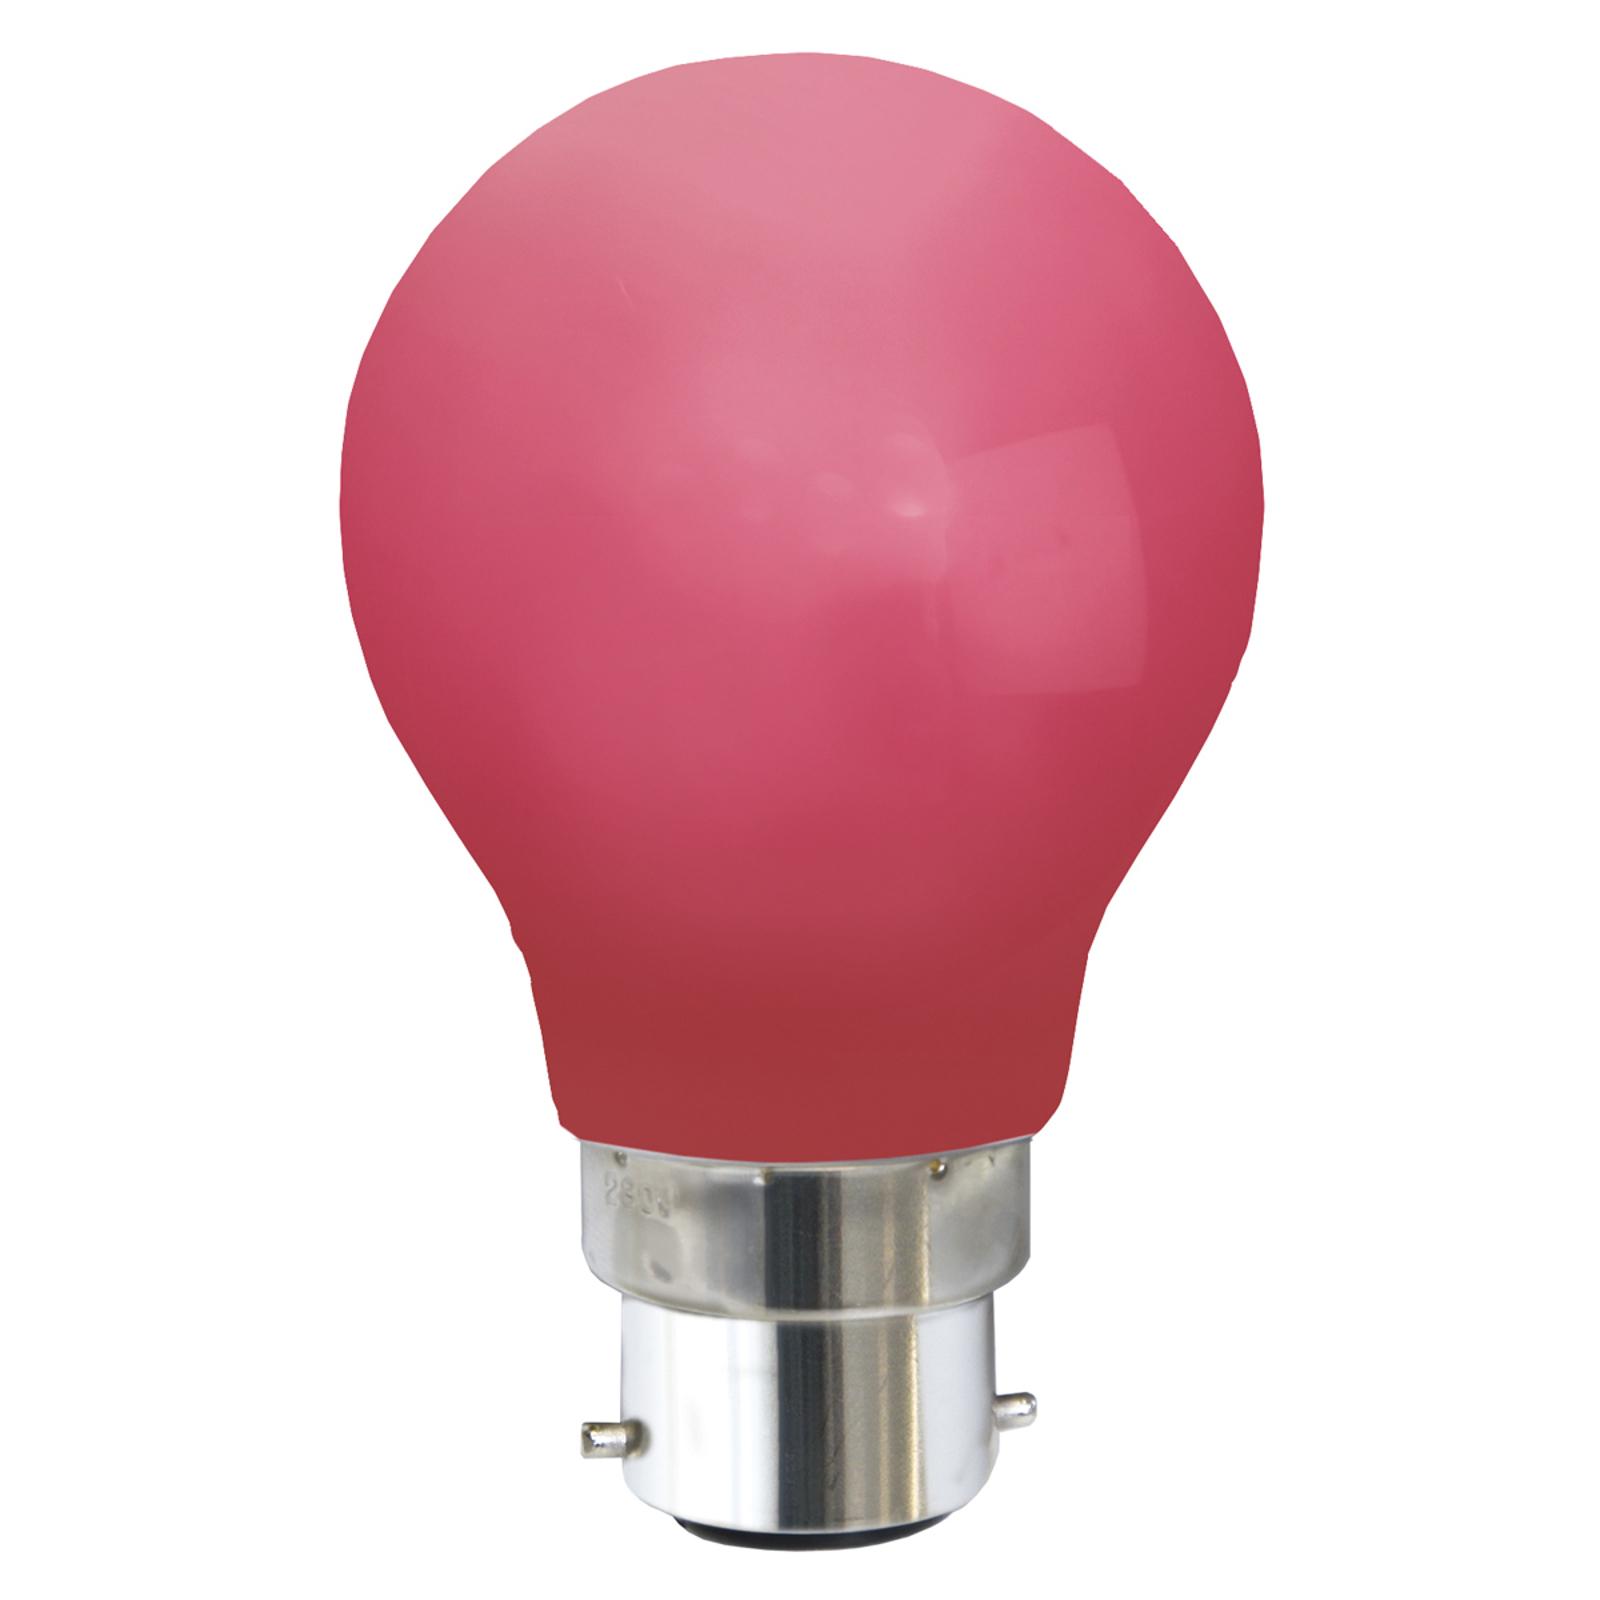 B22 0,9W LED-Lampe, rot